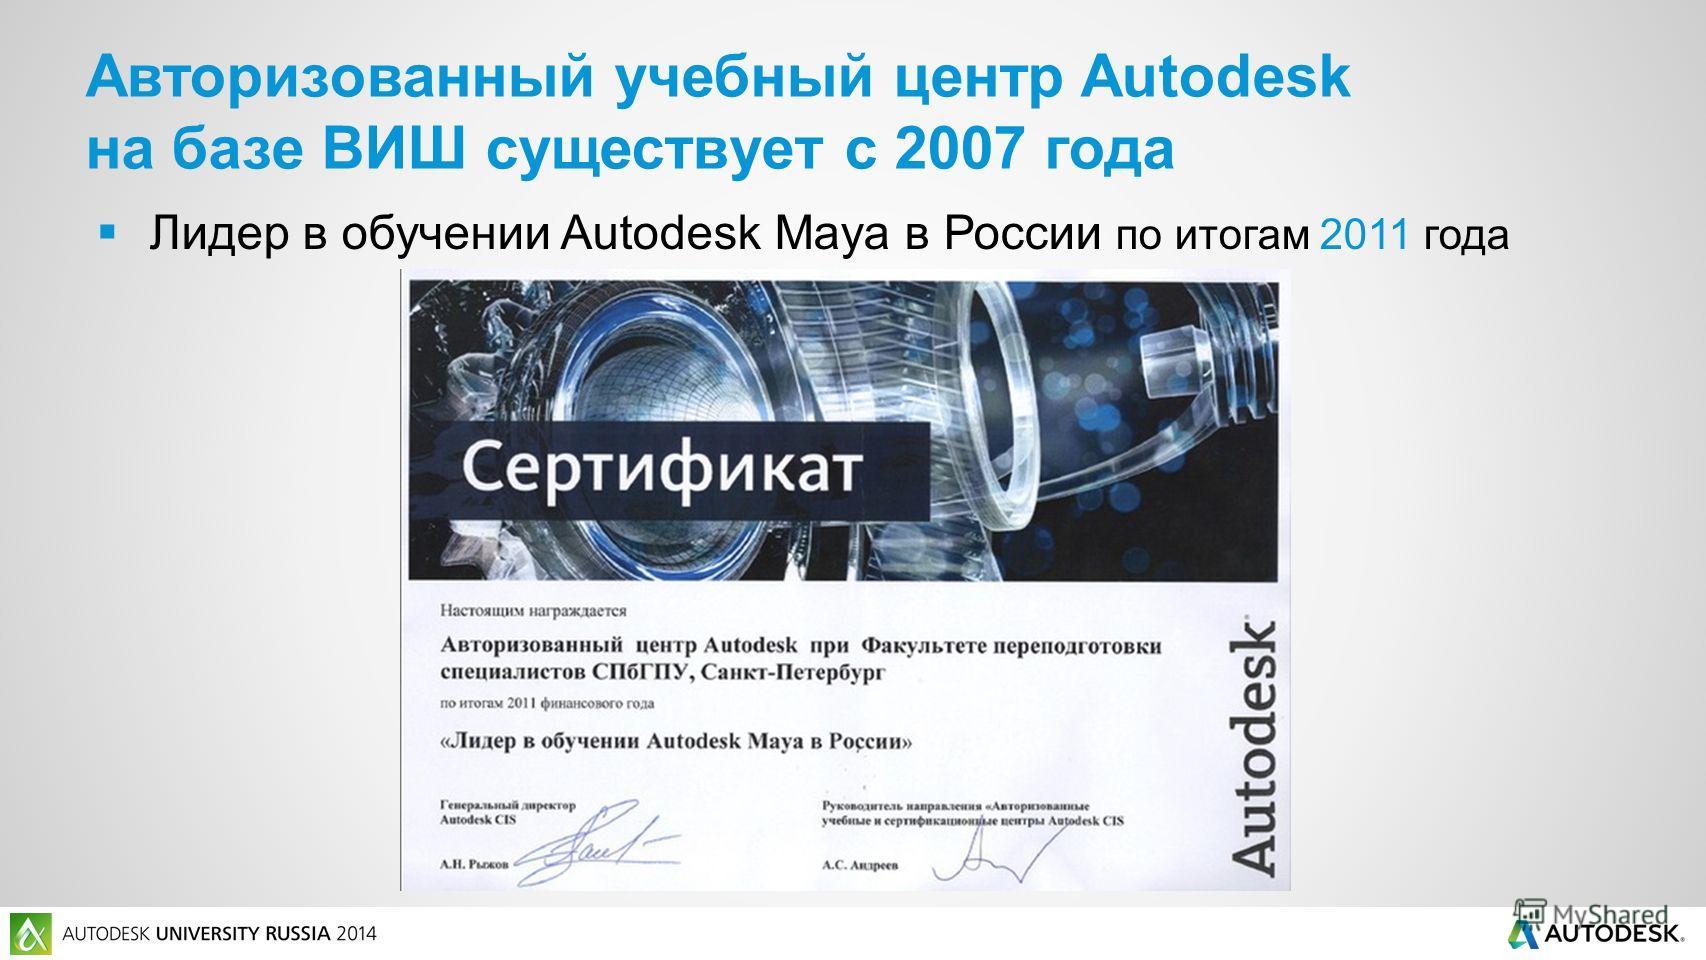 Лидер в обучении Autodesk Maya в России по итогам 2011 года Авторизованный учебный центр Autodesk на базе ВИШ существует с 2007 года